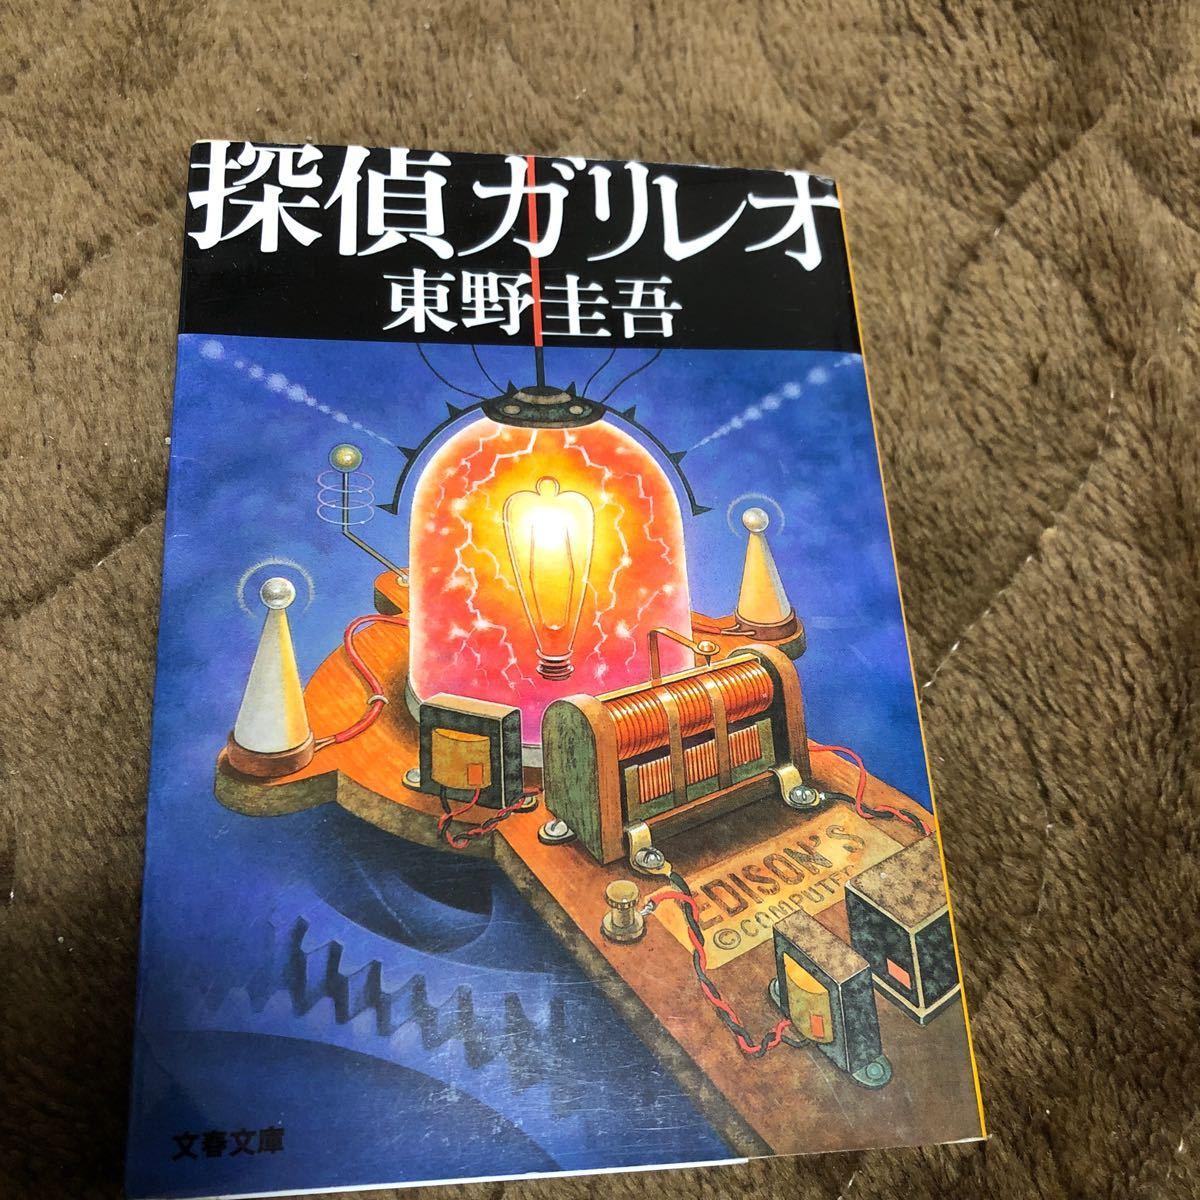 東野圭吾 探偵ガリレオ 文庫本